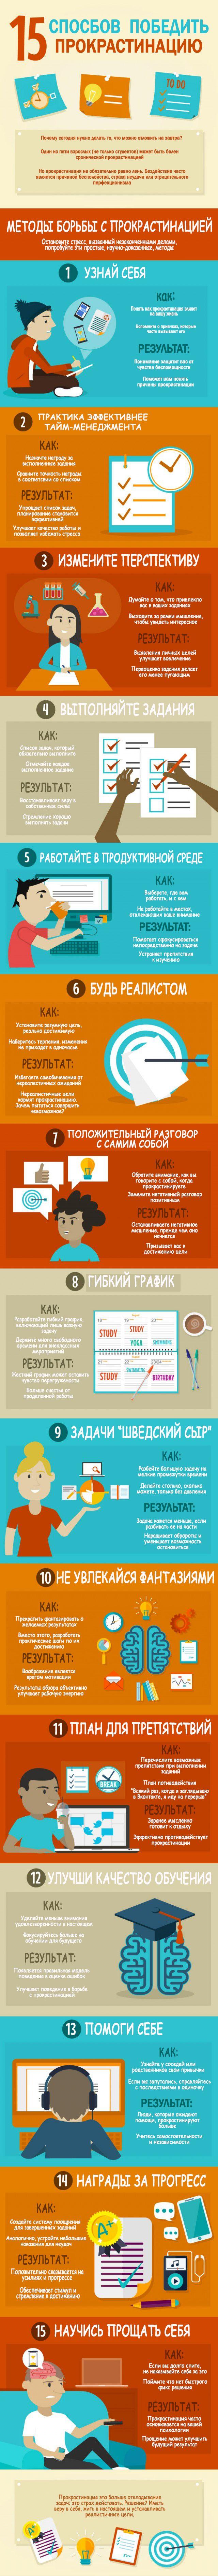 Прокрастинация, инфографика Еще больше интересных материалов на invisibly.ru